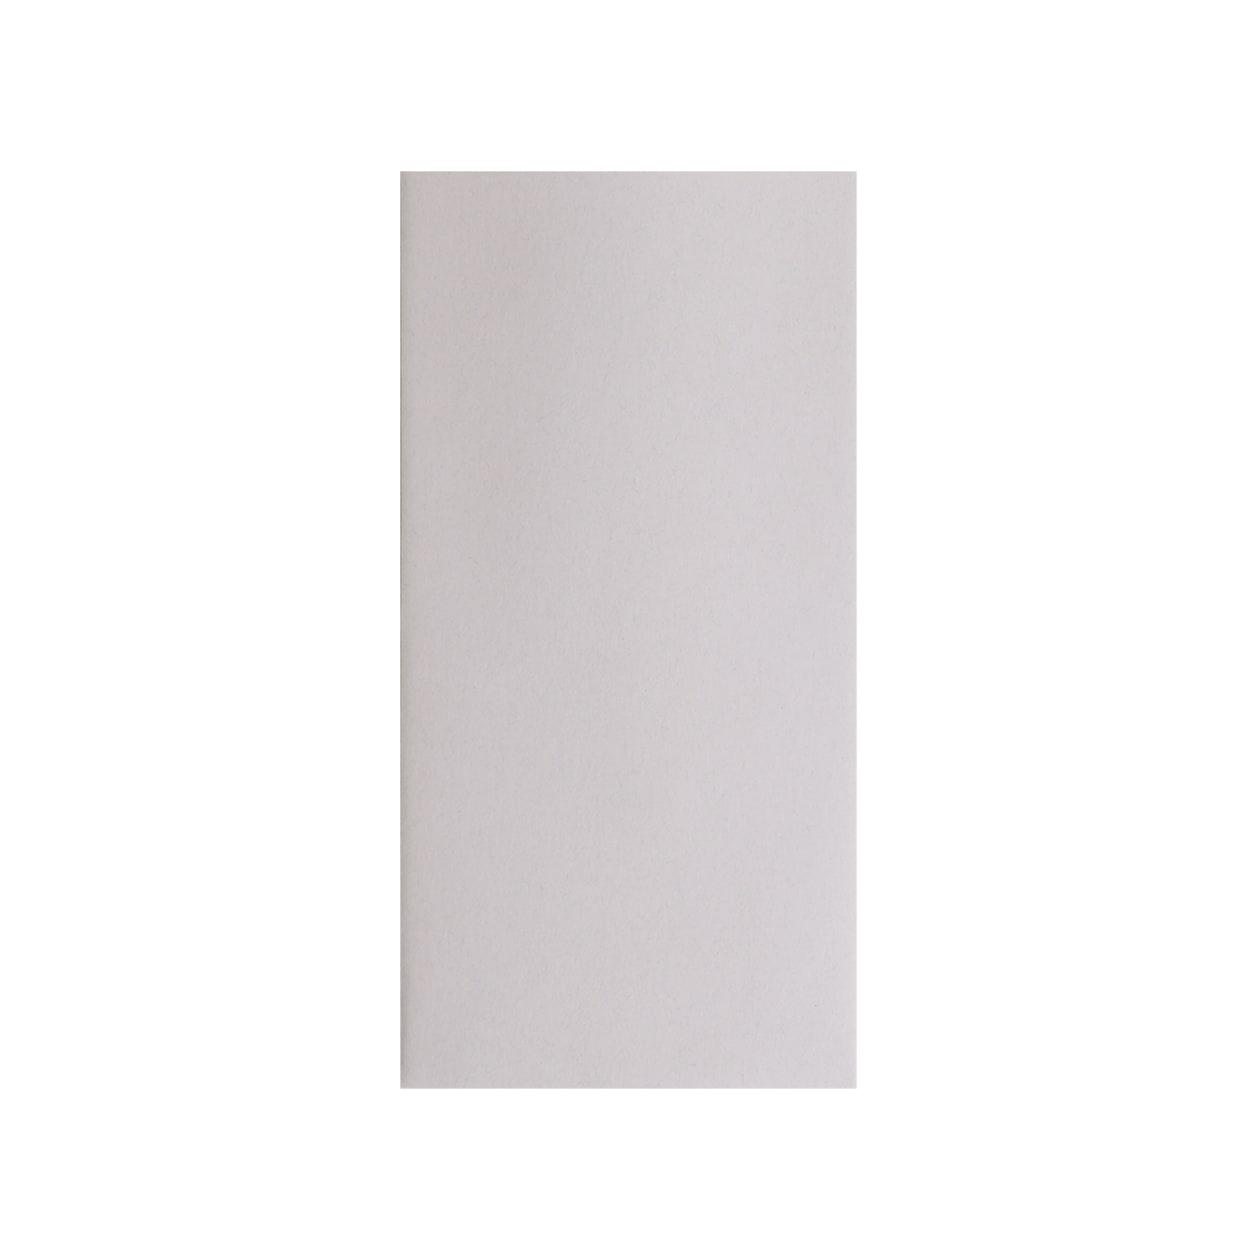 平袋125×250 HAGURUMA Basic ライナーグレイ 100g